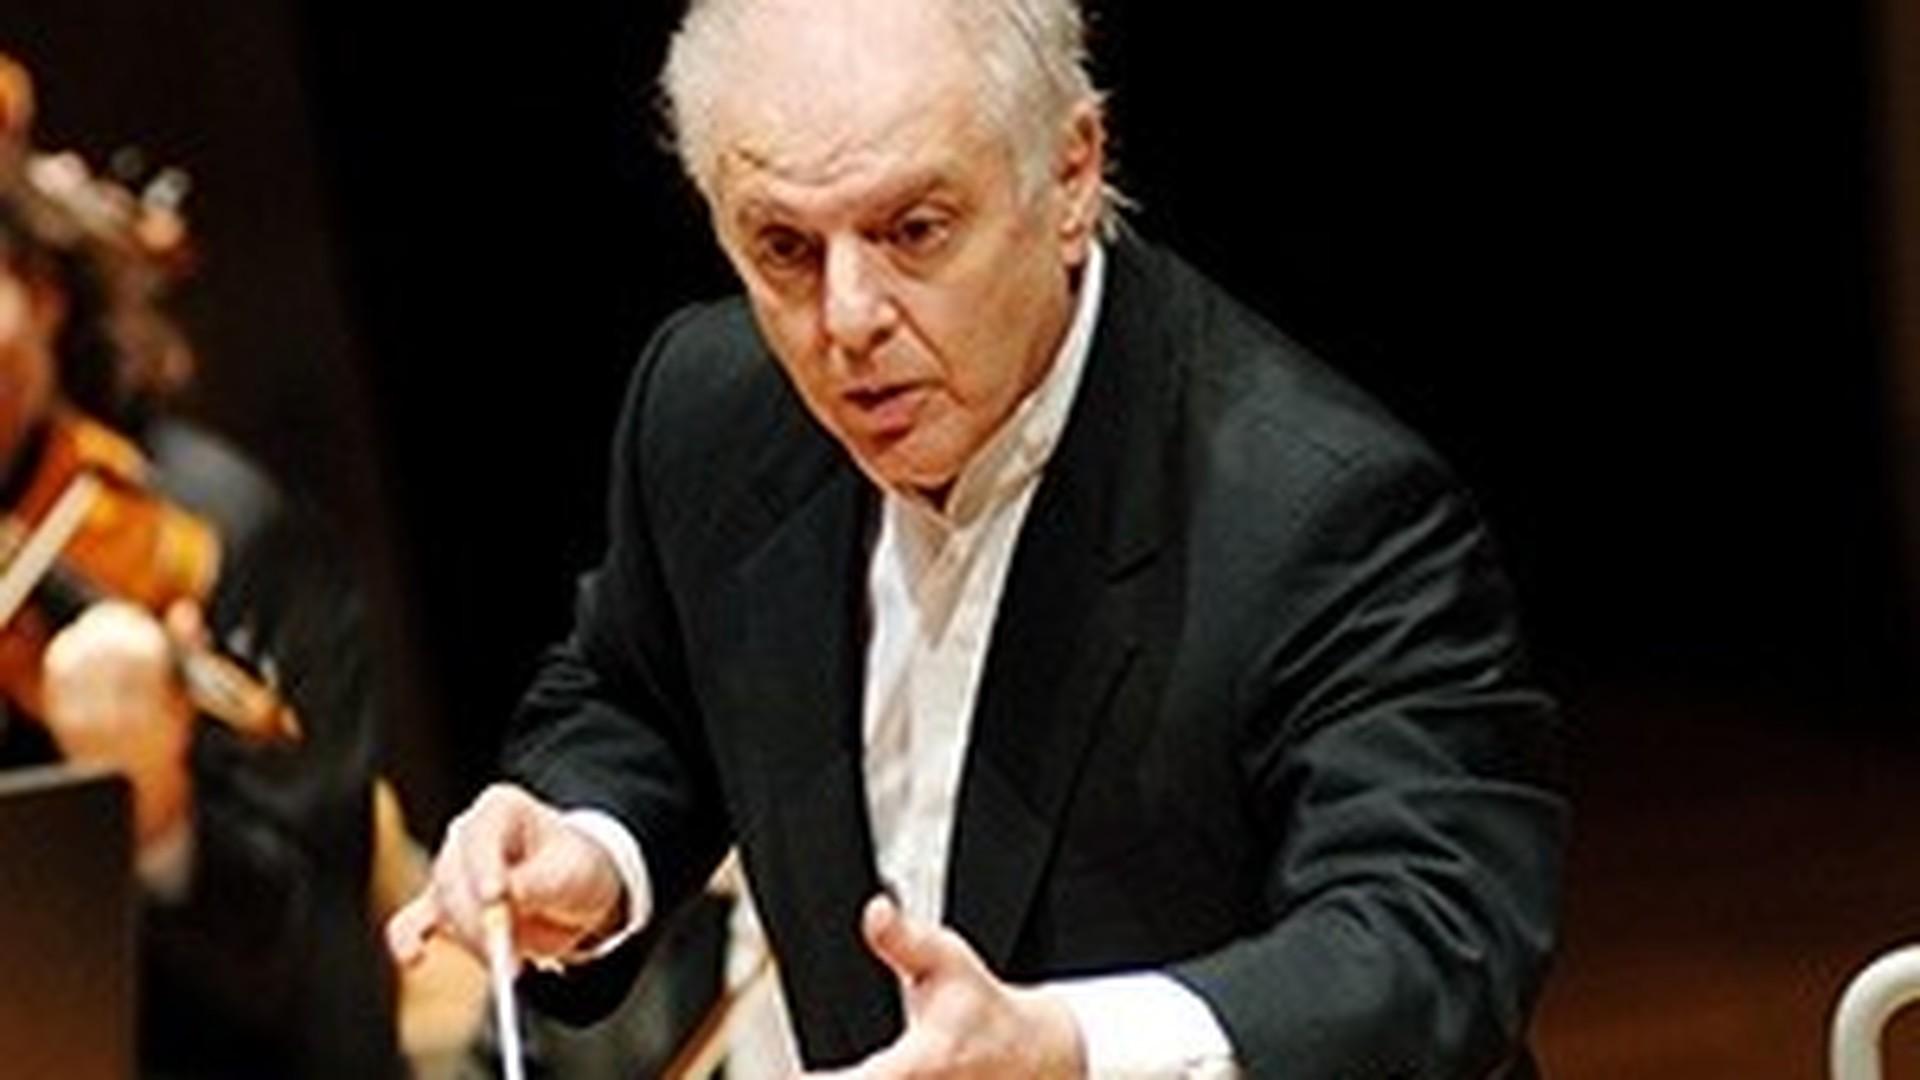 Л. Бетховен. Концерт №5 для фортепиано с оркестром. Даниэль Баренбойм и Берлинская государственная капелла